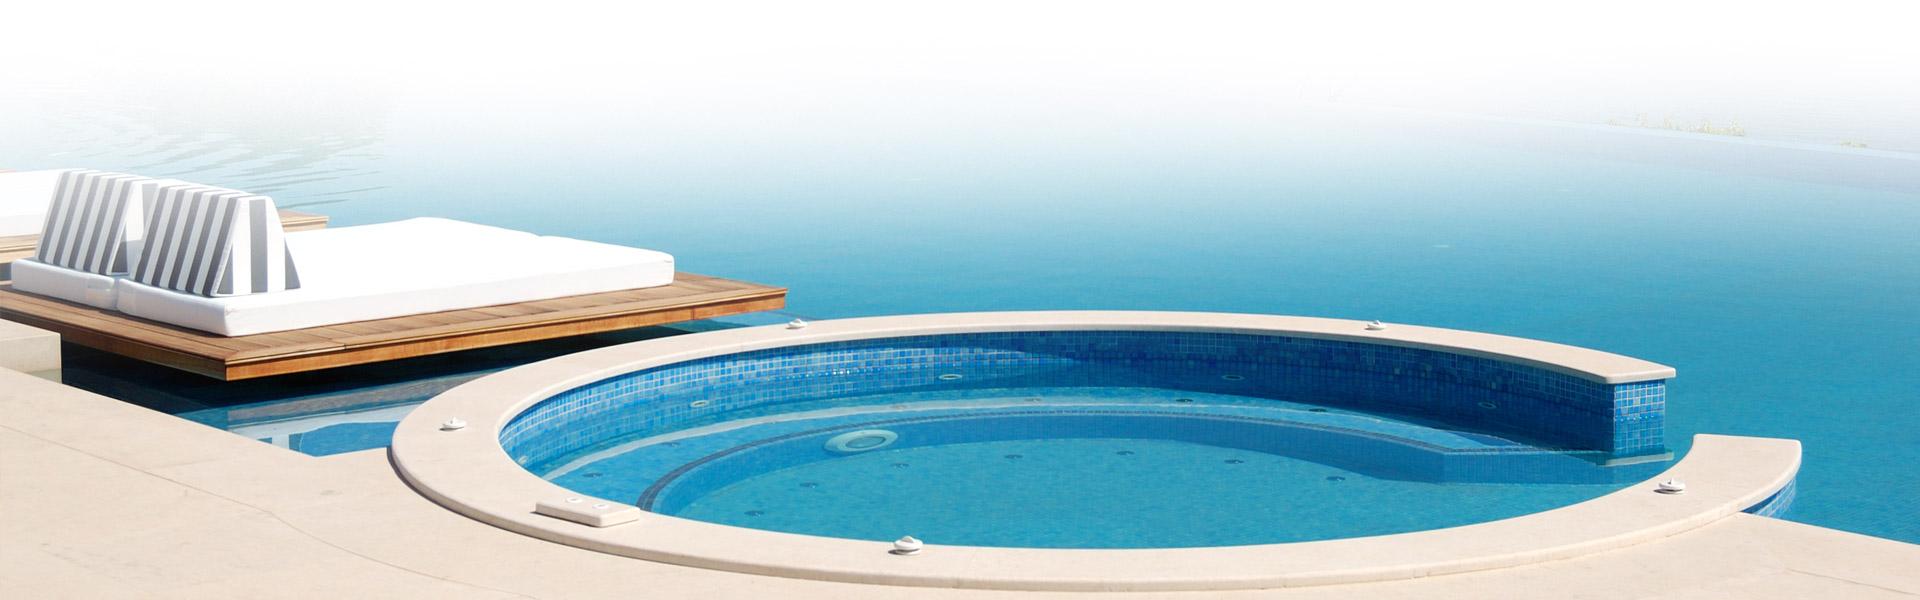 Pool Repair Toronto, Toronto Pool Repair